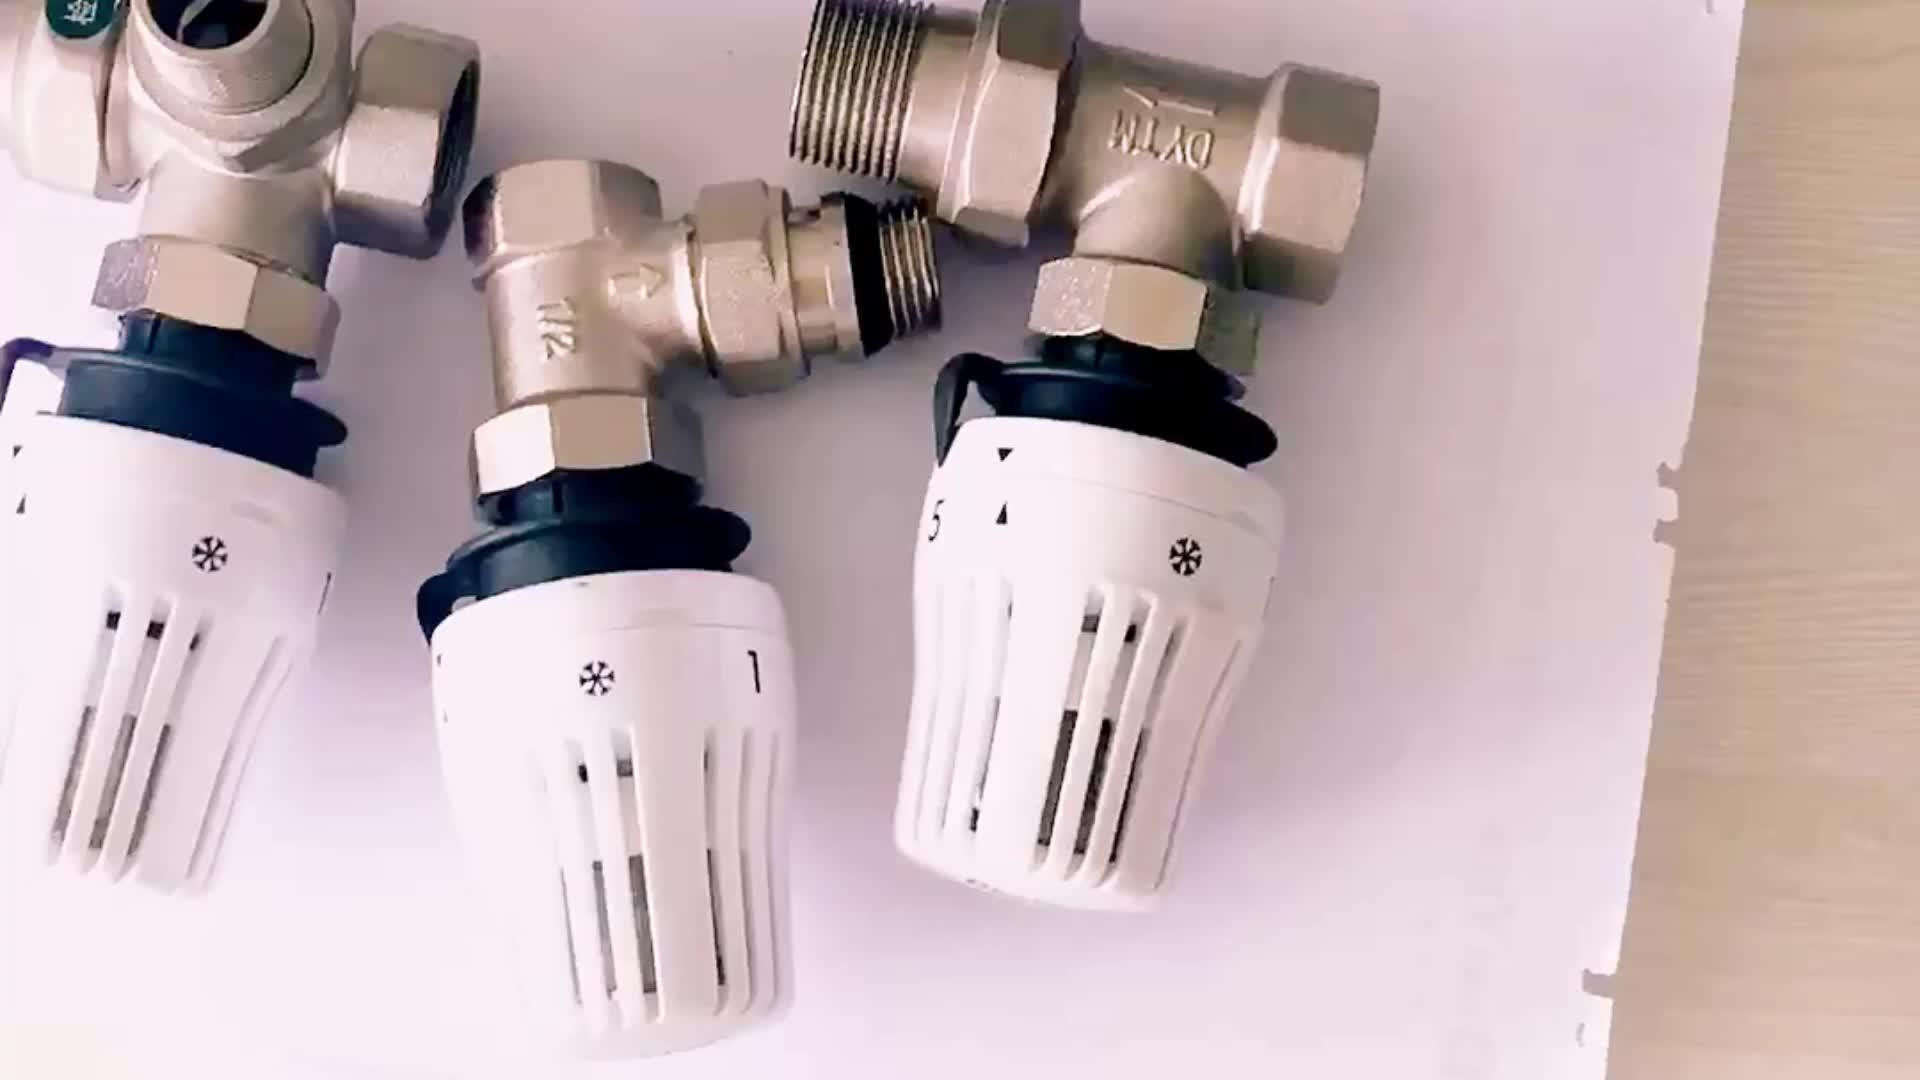 पीतल के लिए कोण Trv वायरलेस वाईफ़ाई थर्मास्टाटिक रेडिएटर वाल्व गर्म पानी